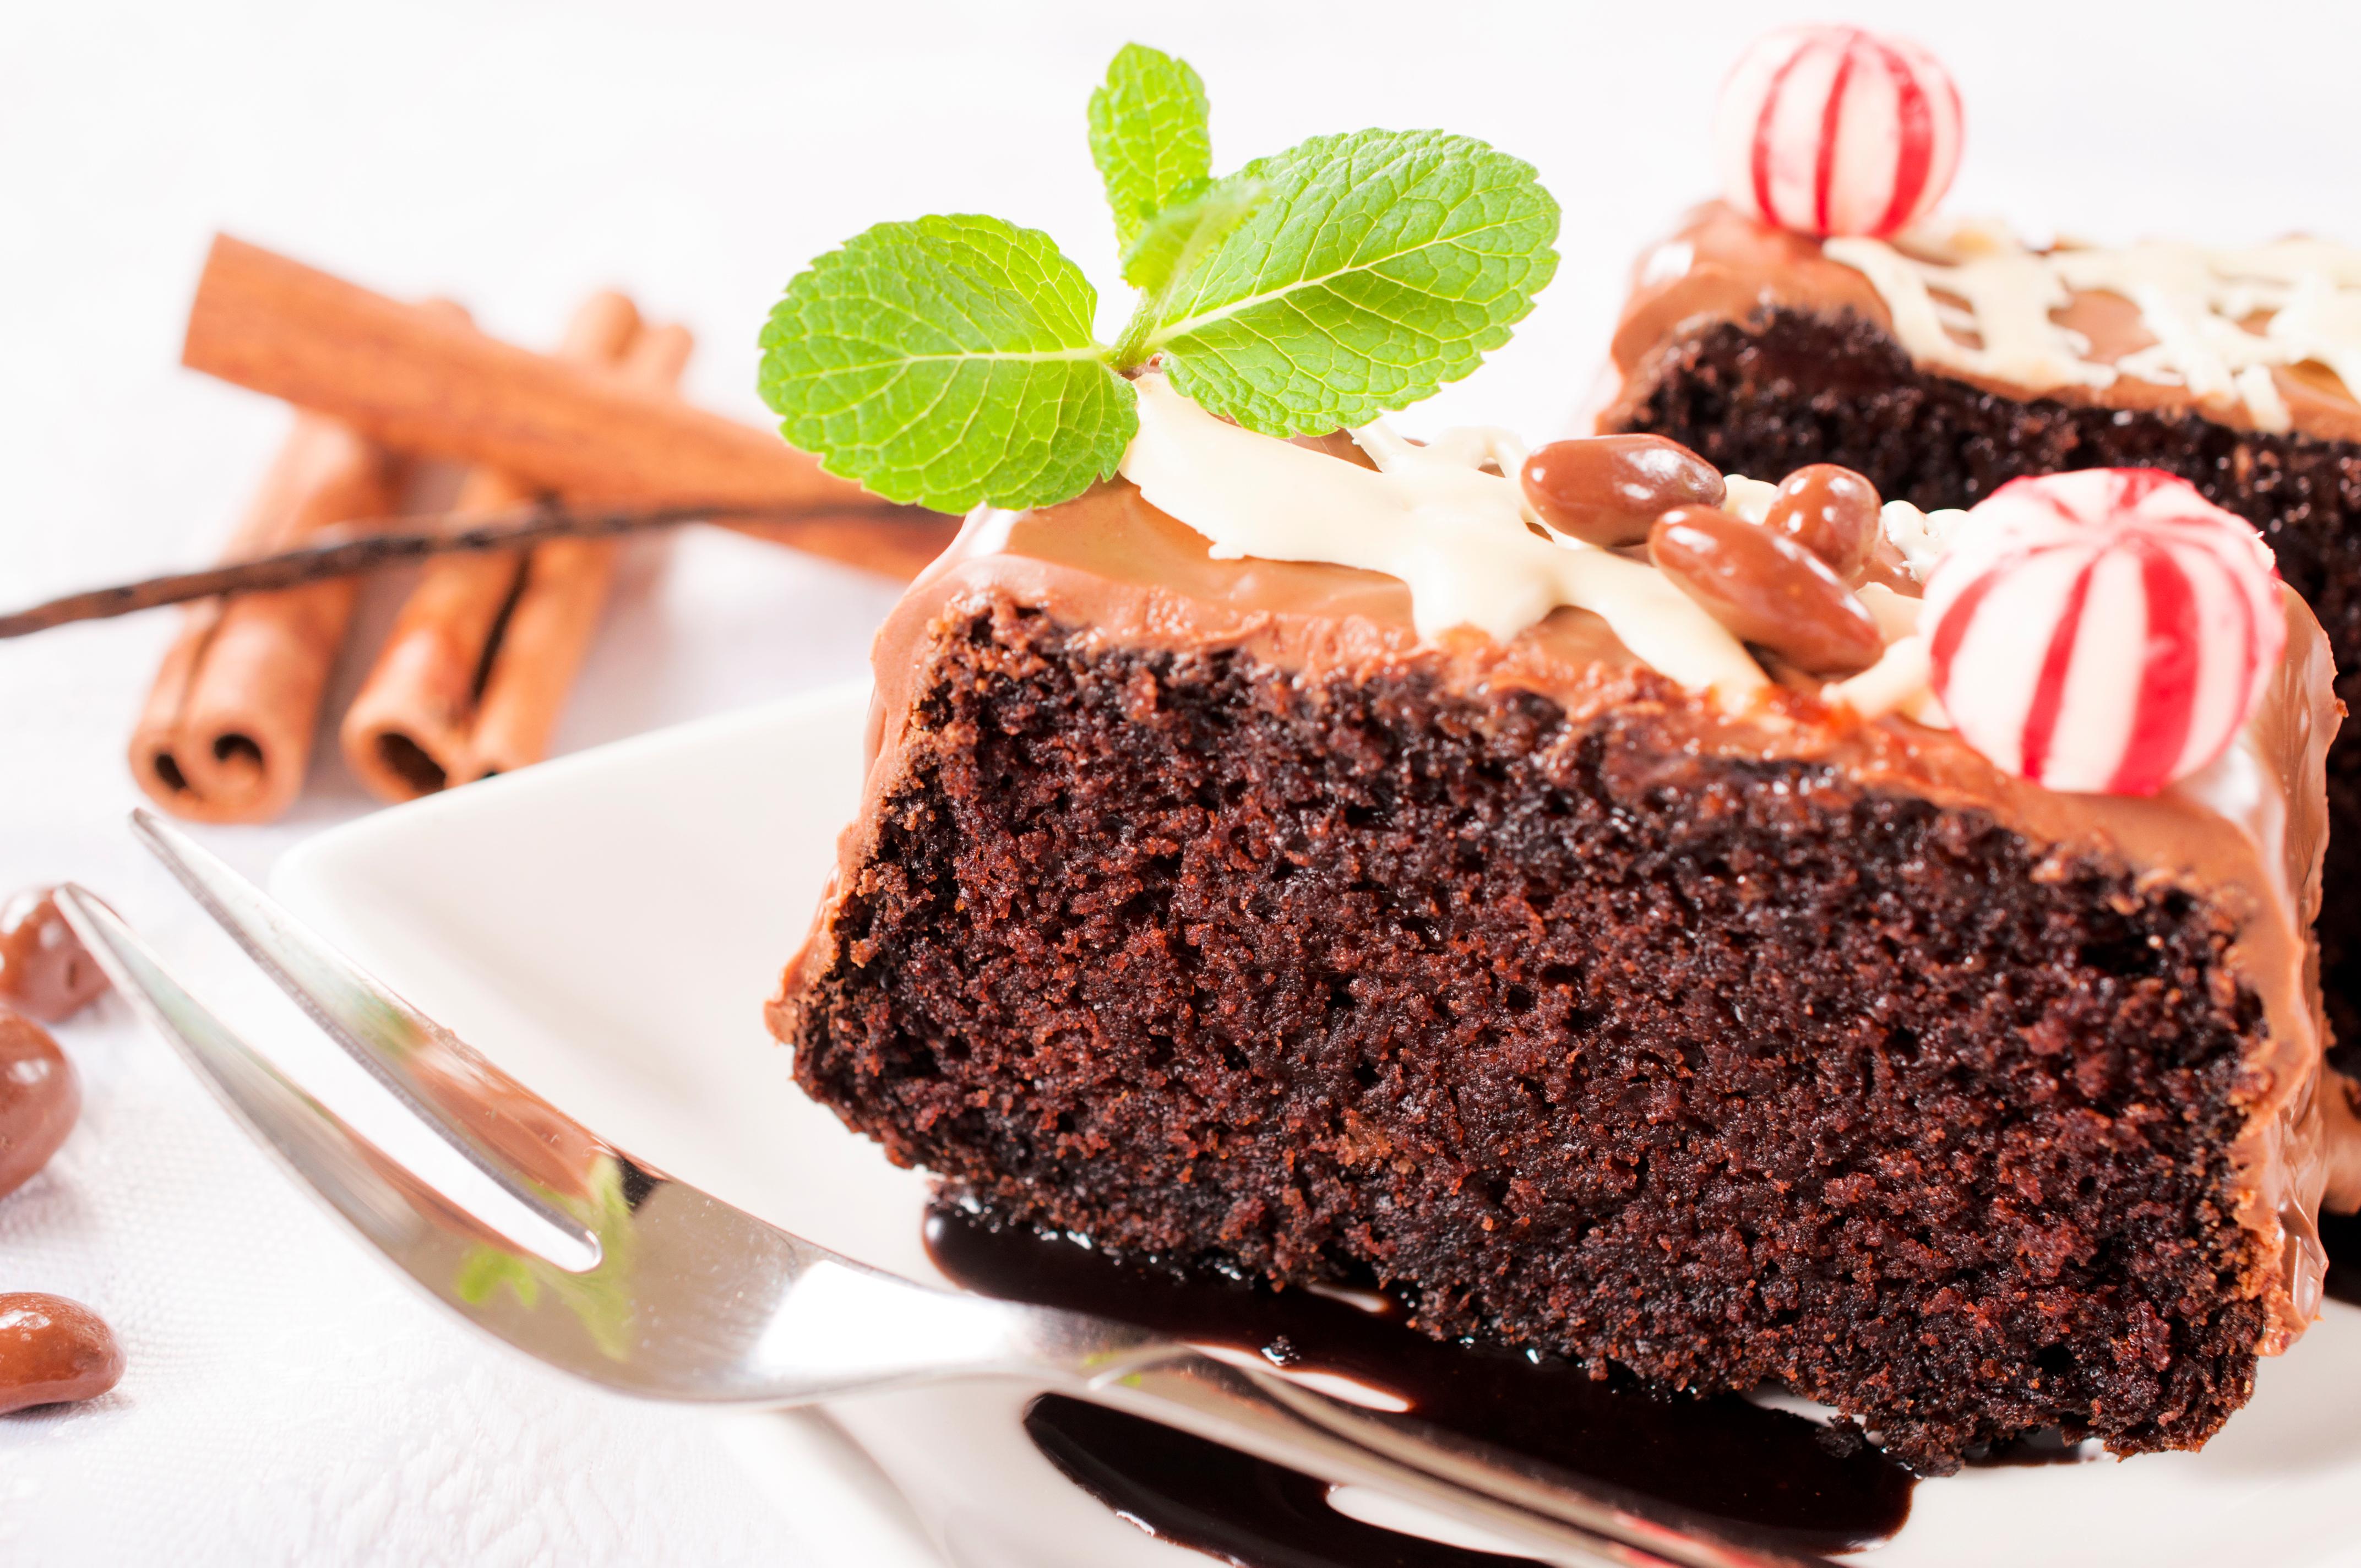 本命へ贈る♪バレンタインチョコ手づくりレシピを紹介♪